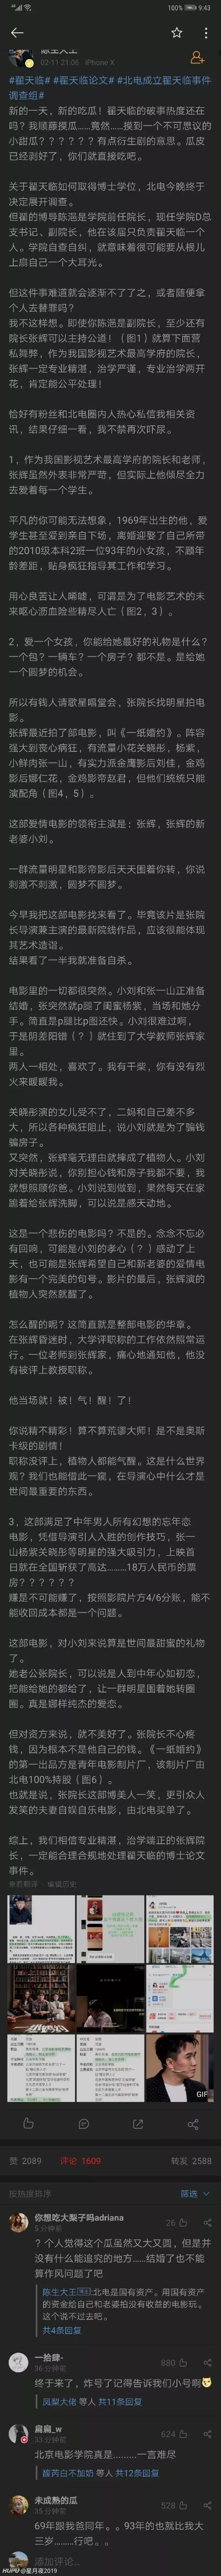 曝北电院长张辉娶学生事件完整解析 一纸婚姻刘熙阳究竟是谁